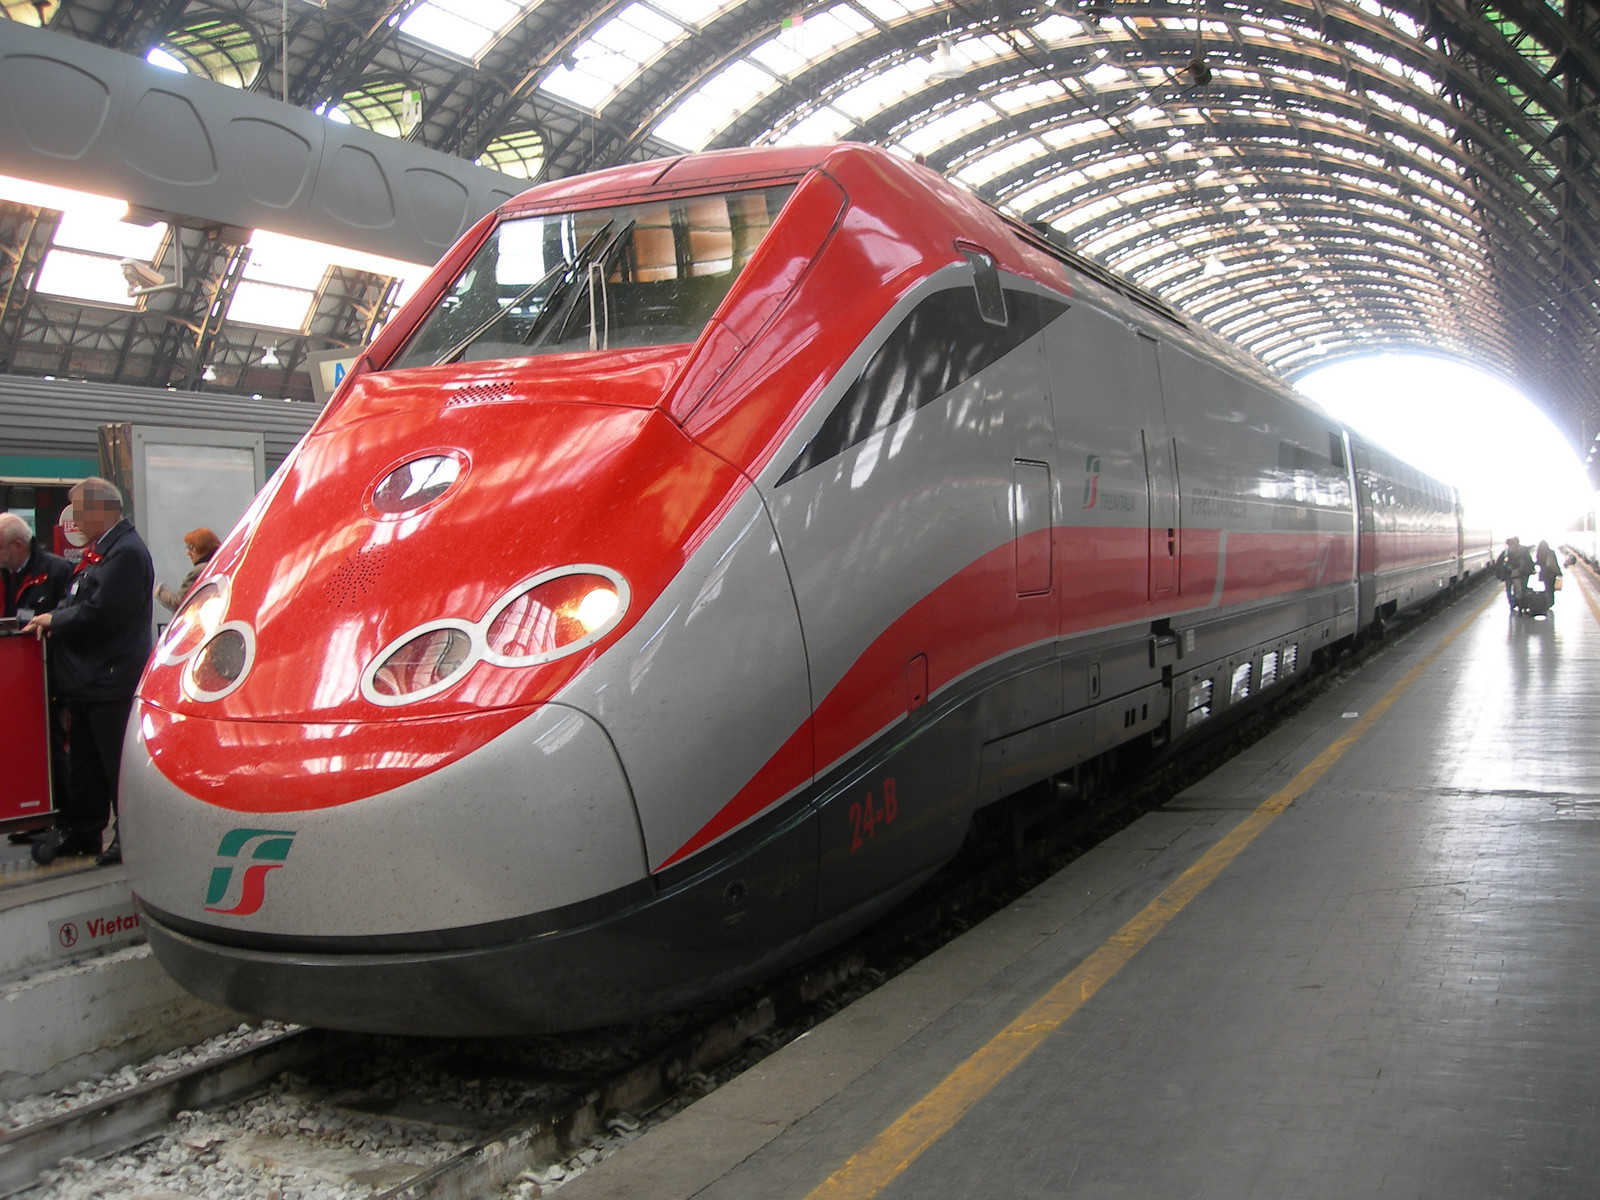 Buon Viaggio E Buone Vacanze Con Le Fregature Di Trenitalia